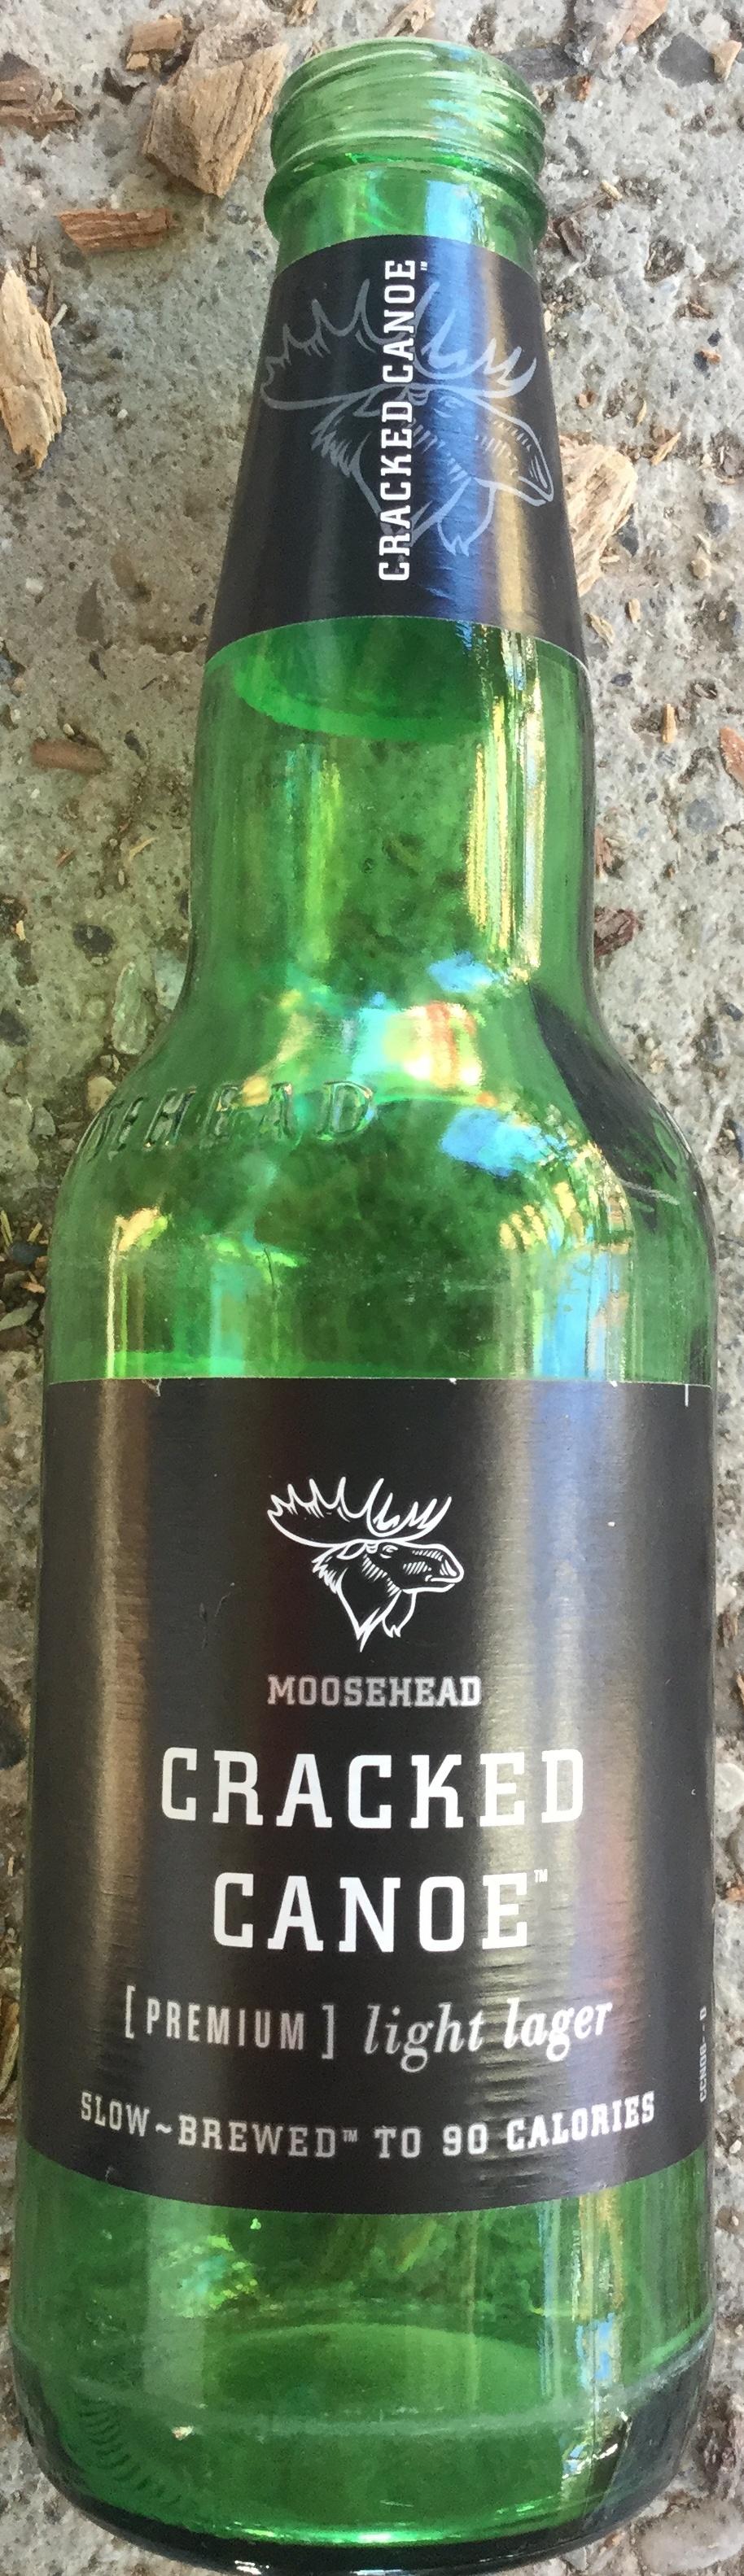 Premium light  lager - Product